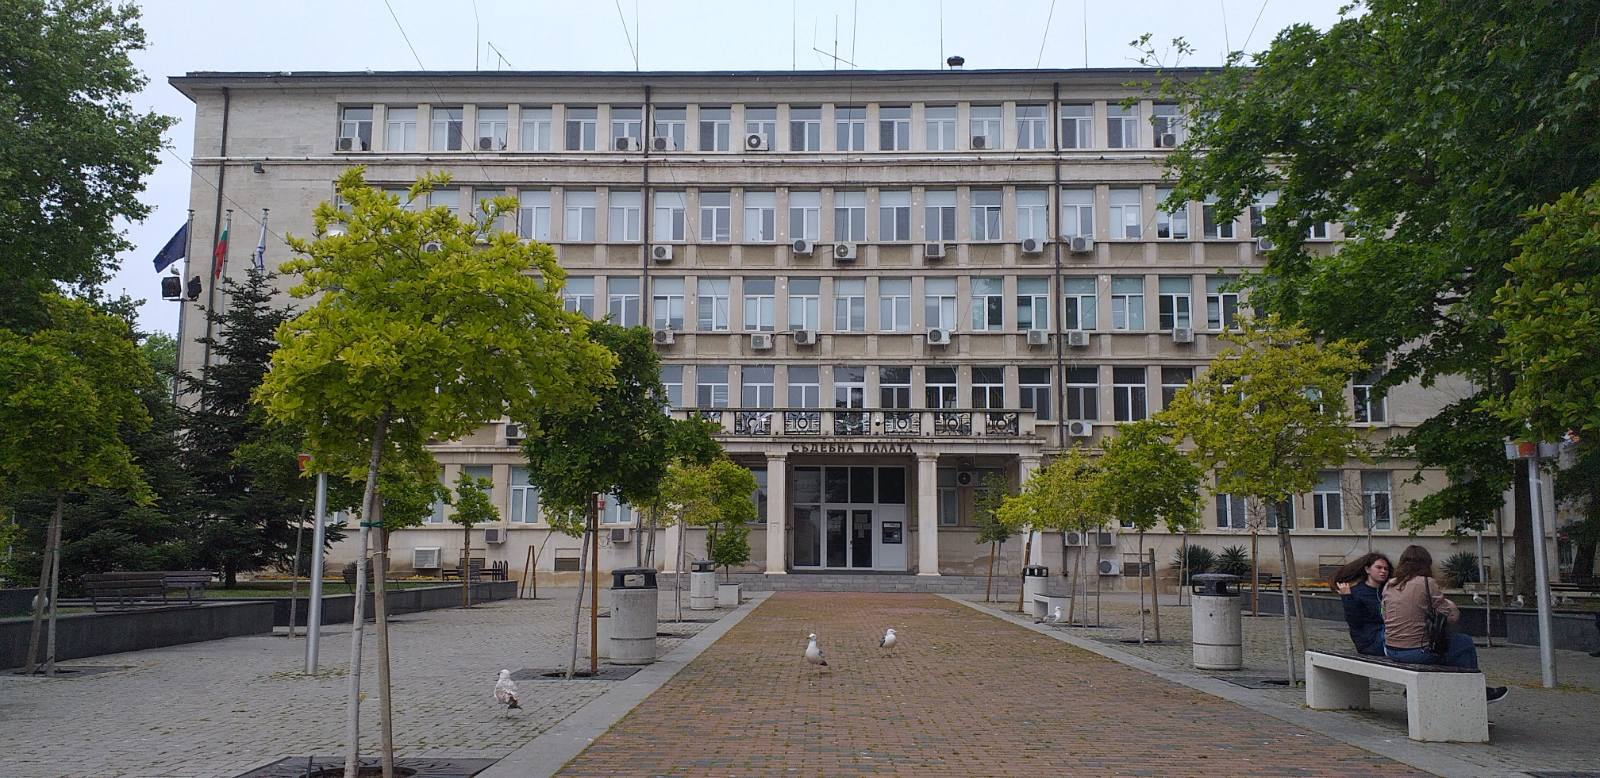 Окръжна прокуратура-Варна предаде на съд двама за инцидент с дете от Германия в басейна на хотел в к.к. Златни пясъци